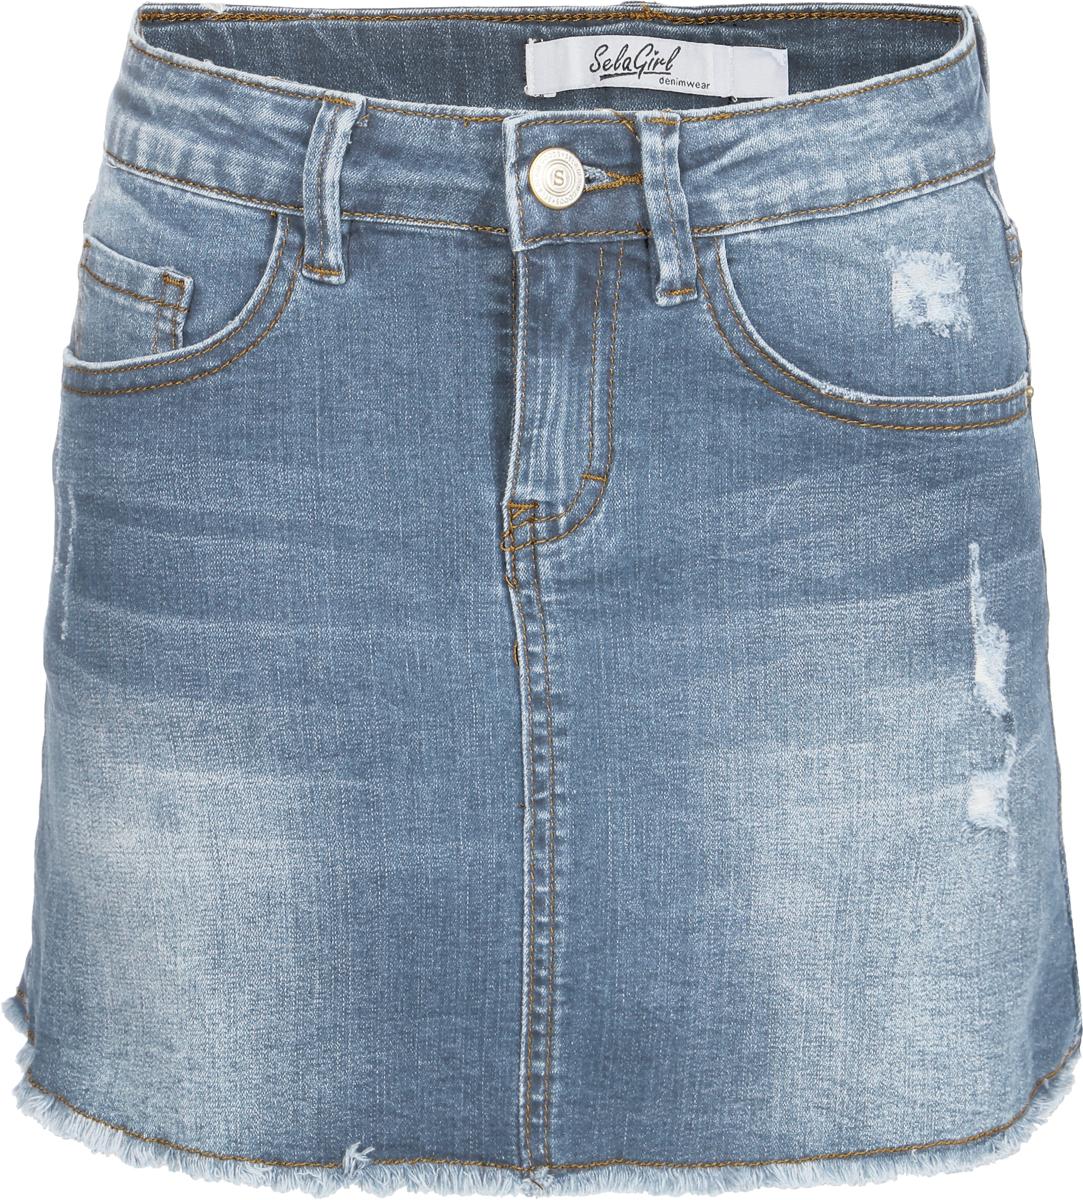 Юбка для девочки Sela, цвет: голубой джинс. SKJ-638/475-8122. Размер 134, 9 лет